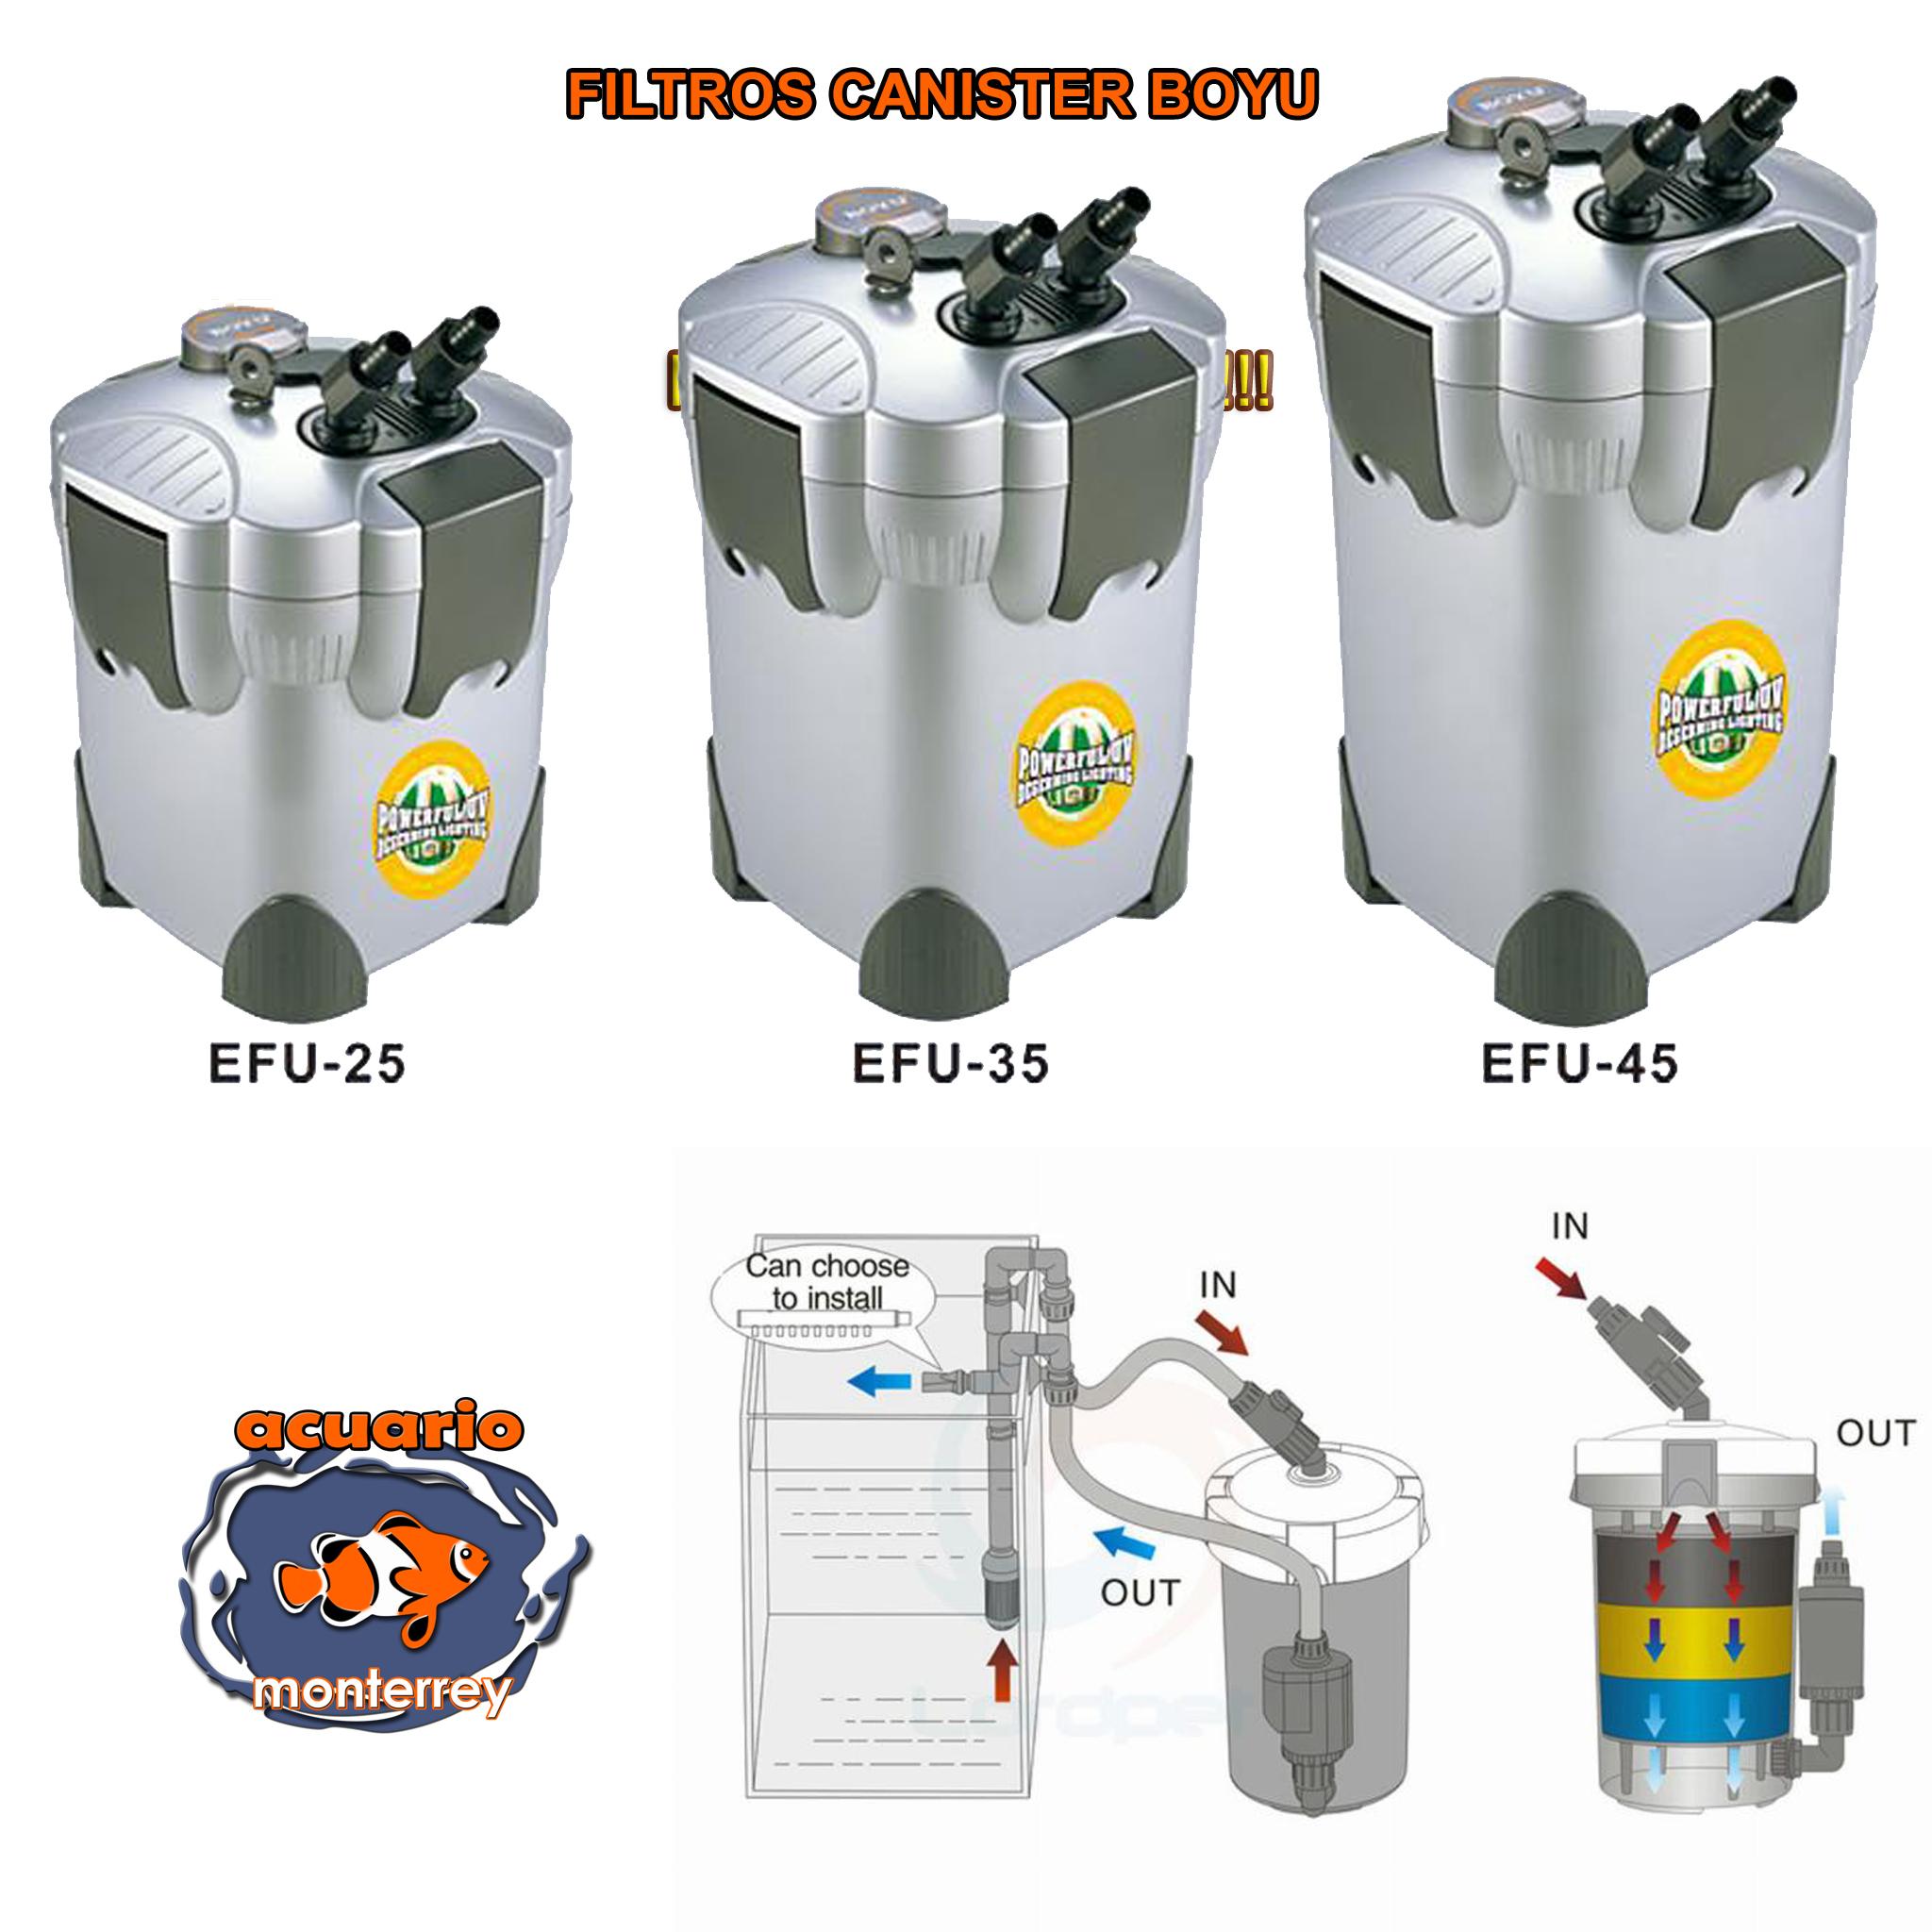 Filtro de canasta boyu modelo 1100 l h ef 45 acuario for Filtro acuario marino